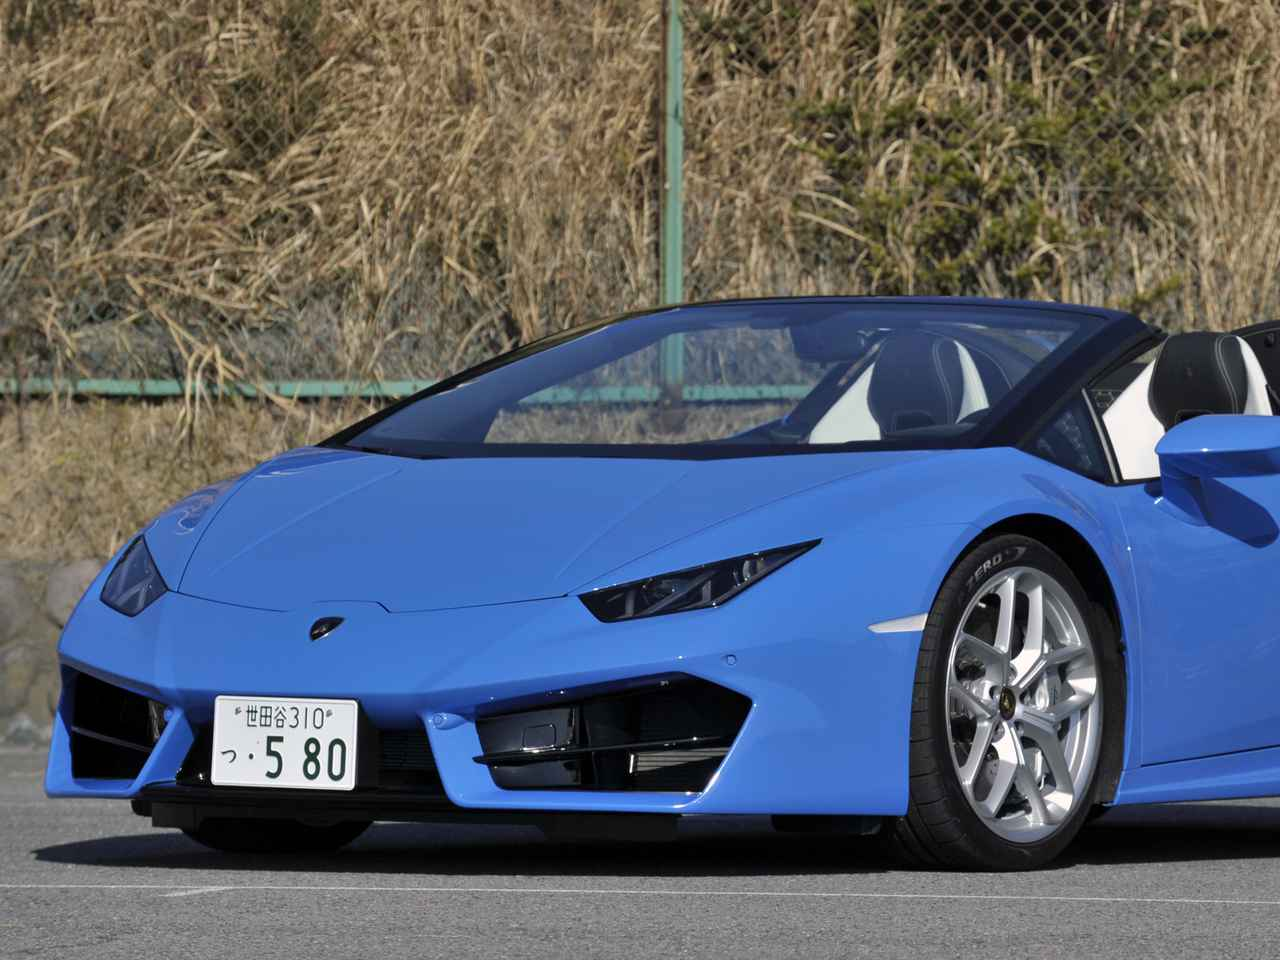 【スーパーカー年代記 089】ランボルギーニ ウラカンは成功作のガヤルドをさらに進化させて人気を集める